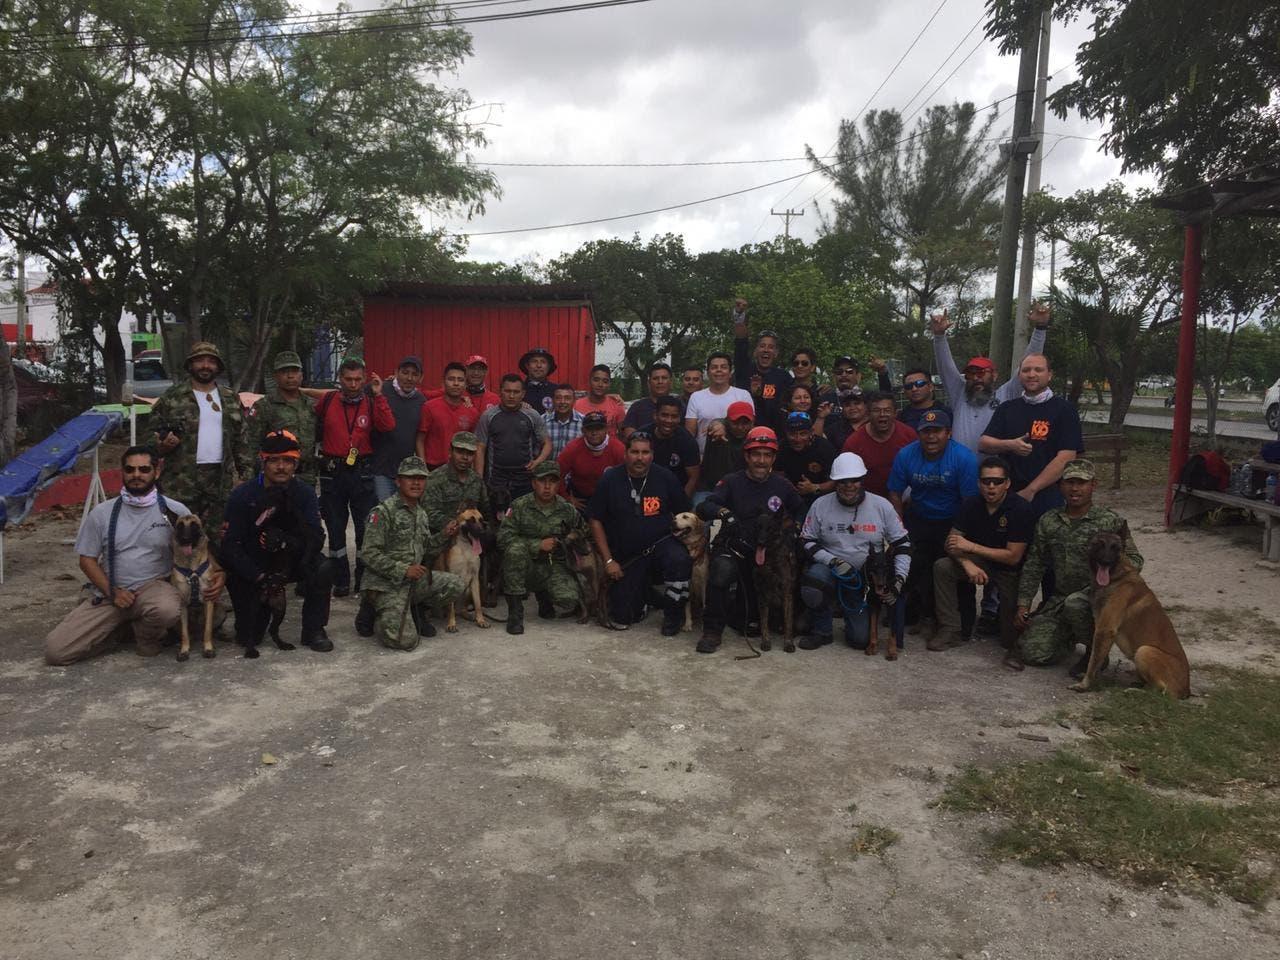 Asistentes al curso de Formación de Especialistas en Búsqueda y Rescate.